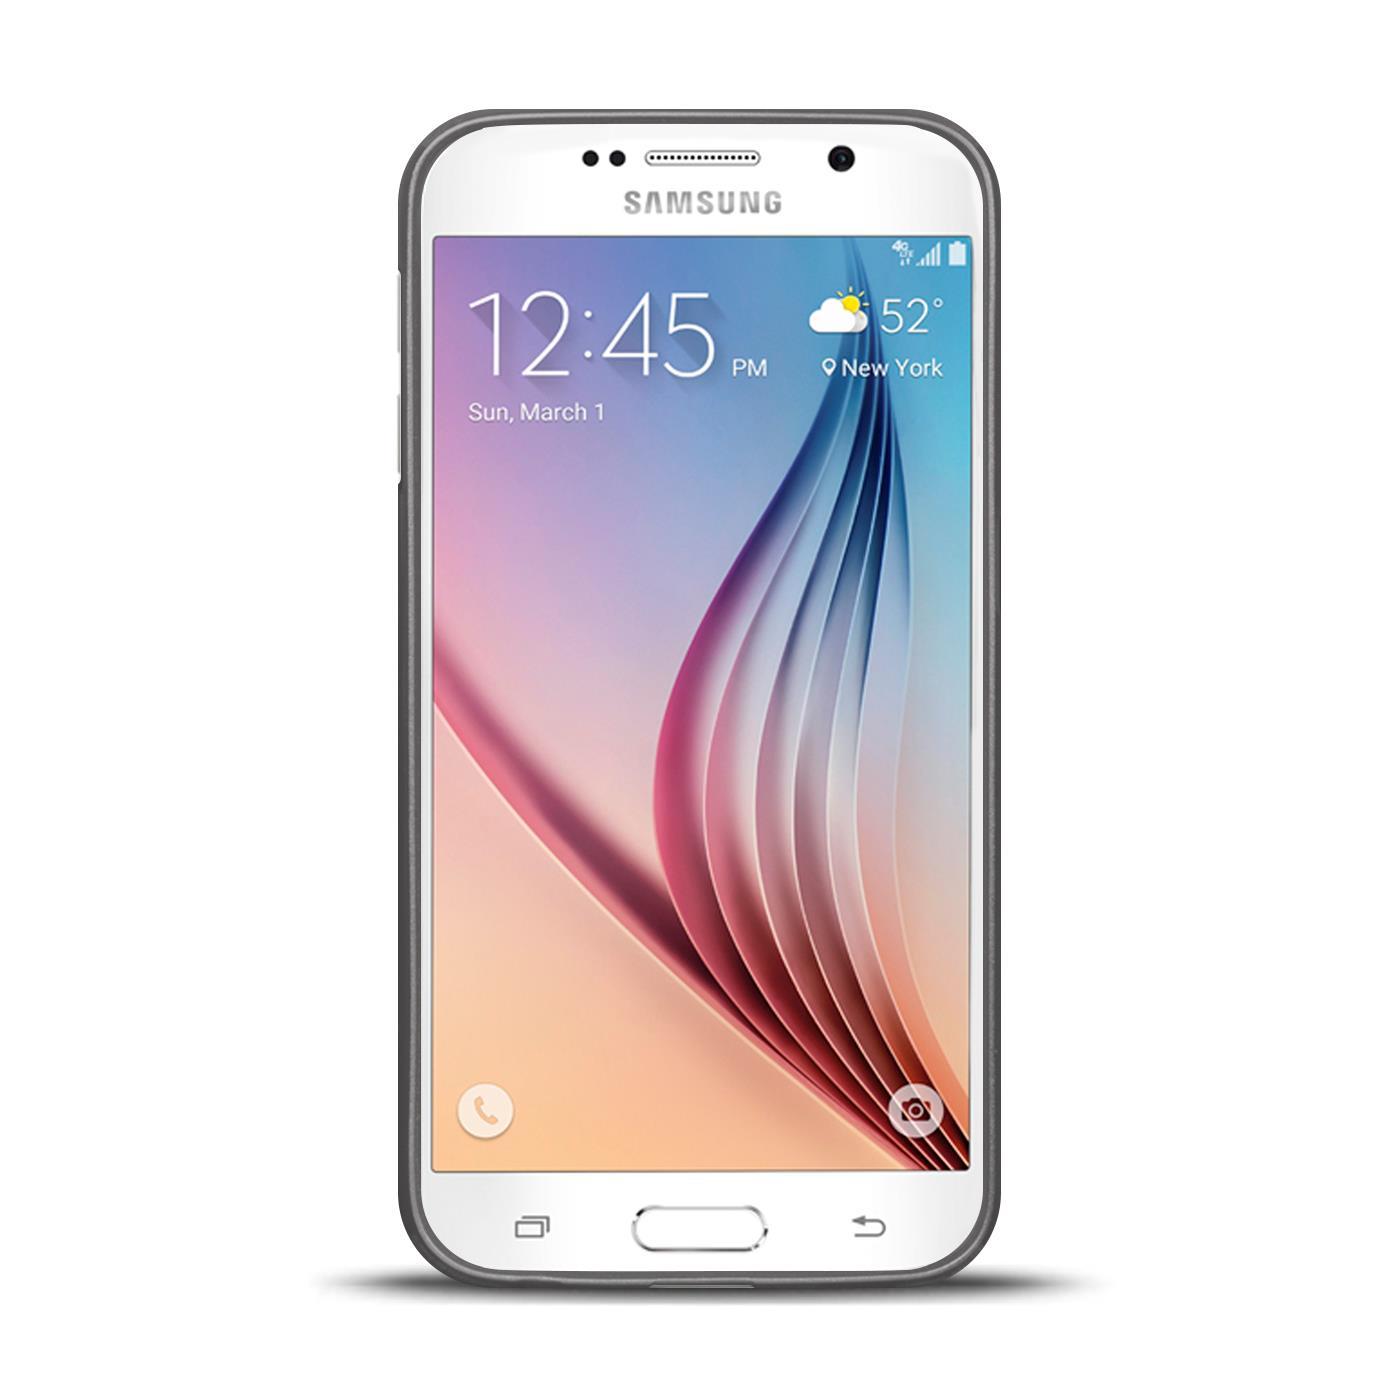 Silikon-Bumper-Case-fuer-Samsung-Galaxy-s6-duenne-ultra-slim-Stossfeste-Rueckschale Indexbild 7